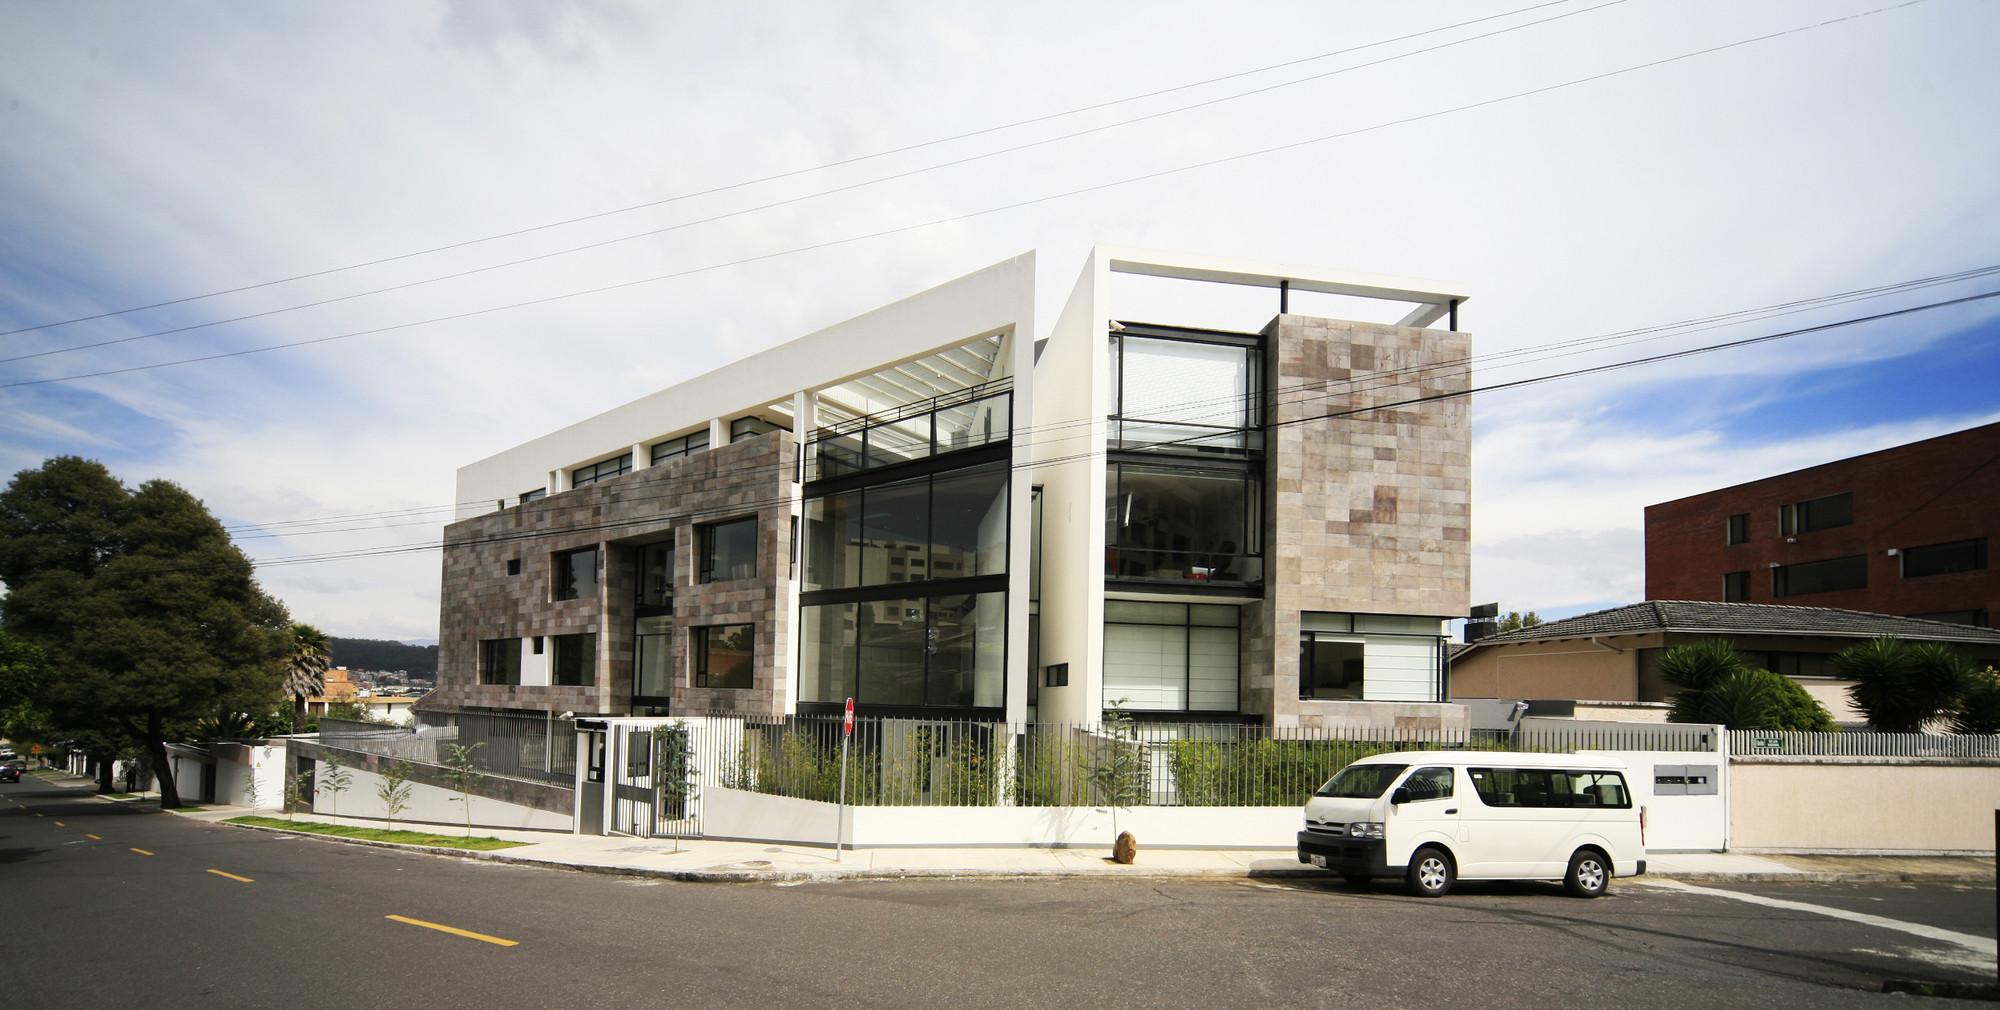 Edificio MZ / Diez + Muller Arquitectos, © Sebastián Crespo